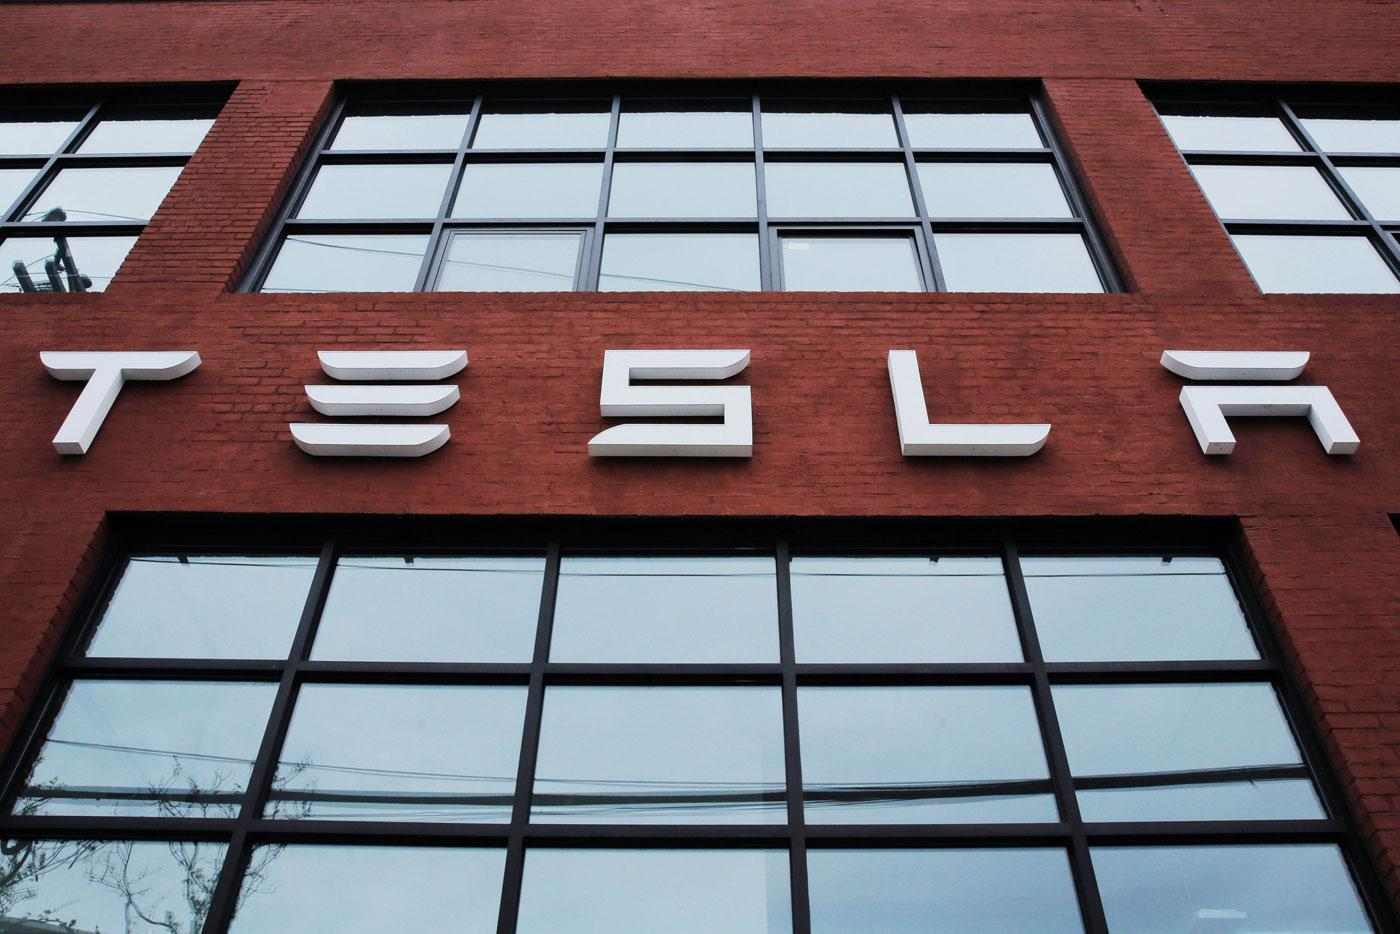 仍在生产地狱挣扎 特斯拉再度推迟Model 3产量目标